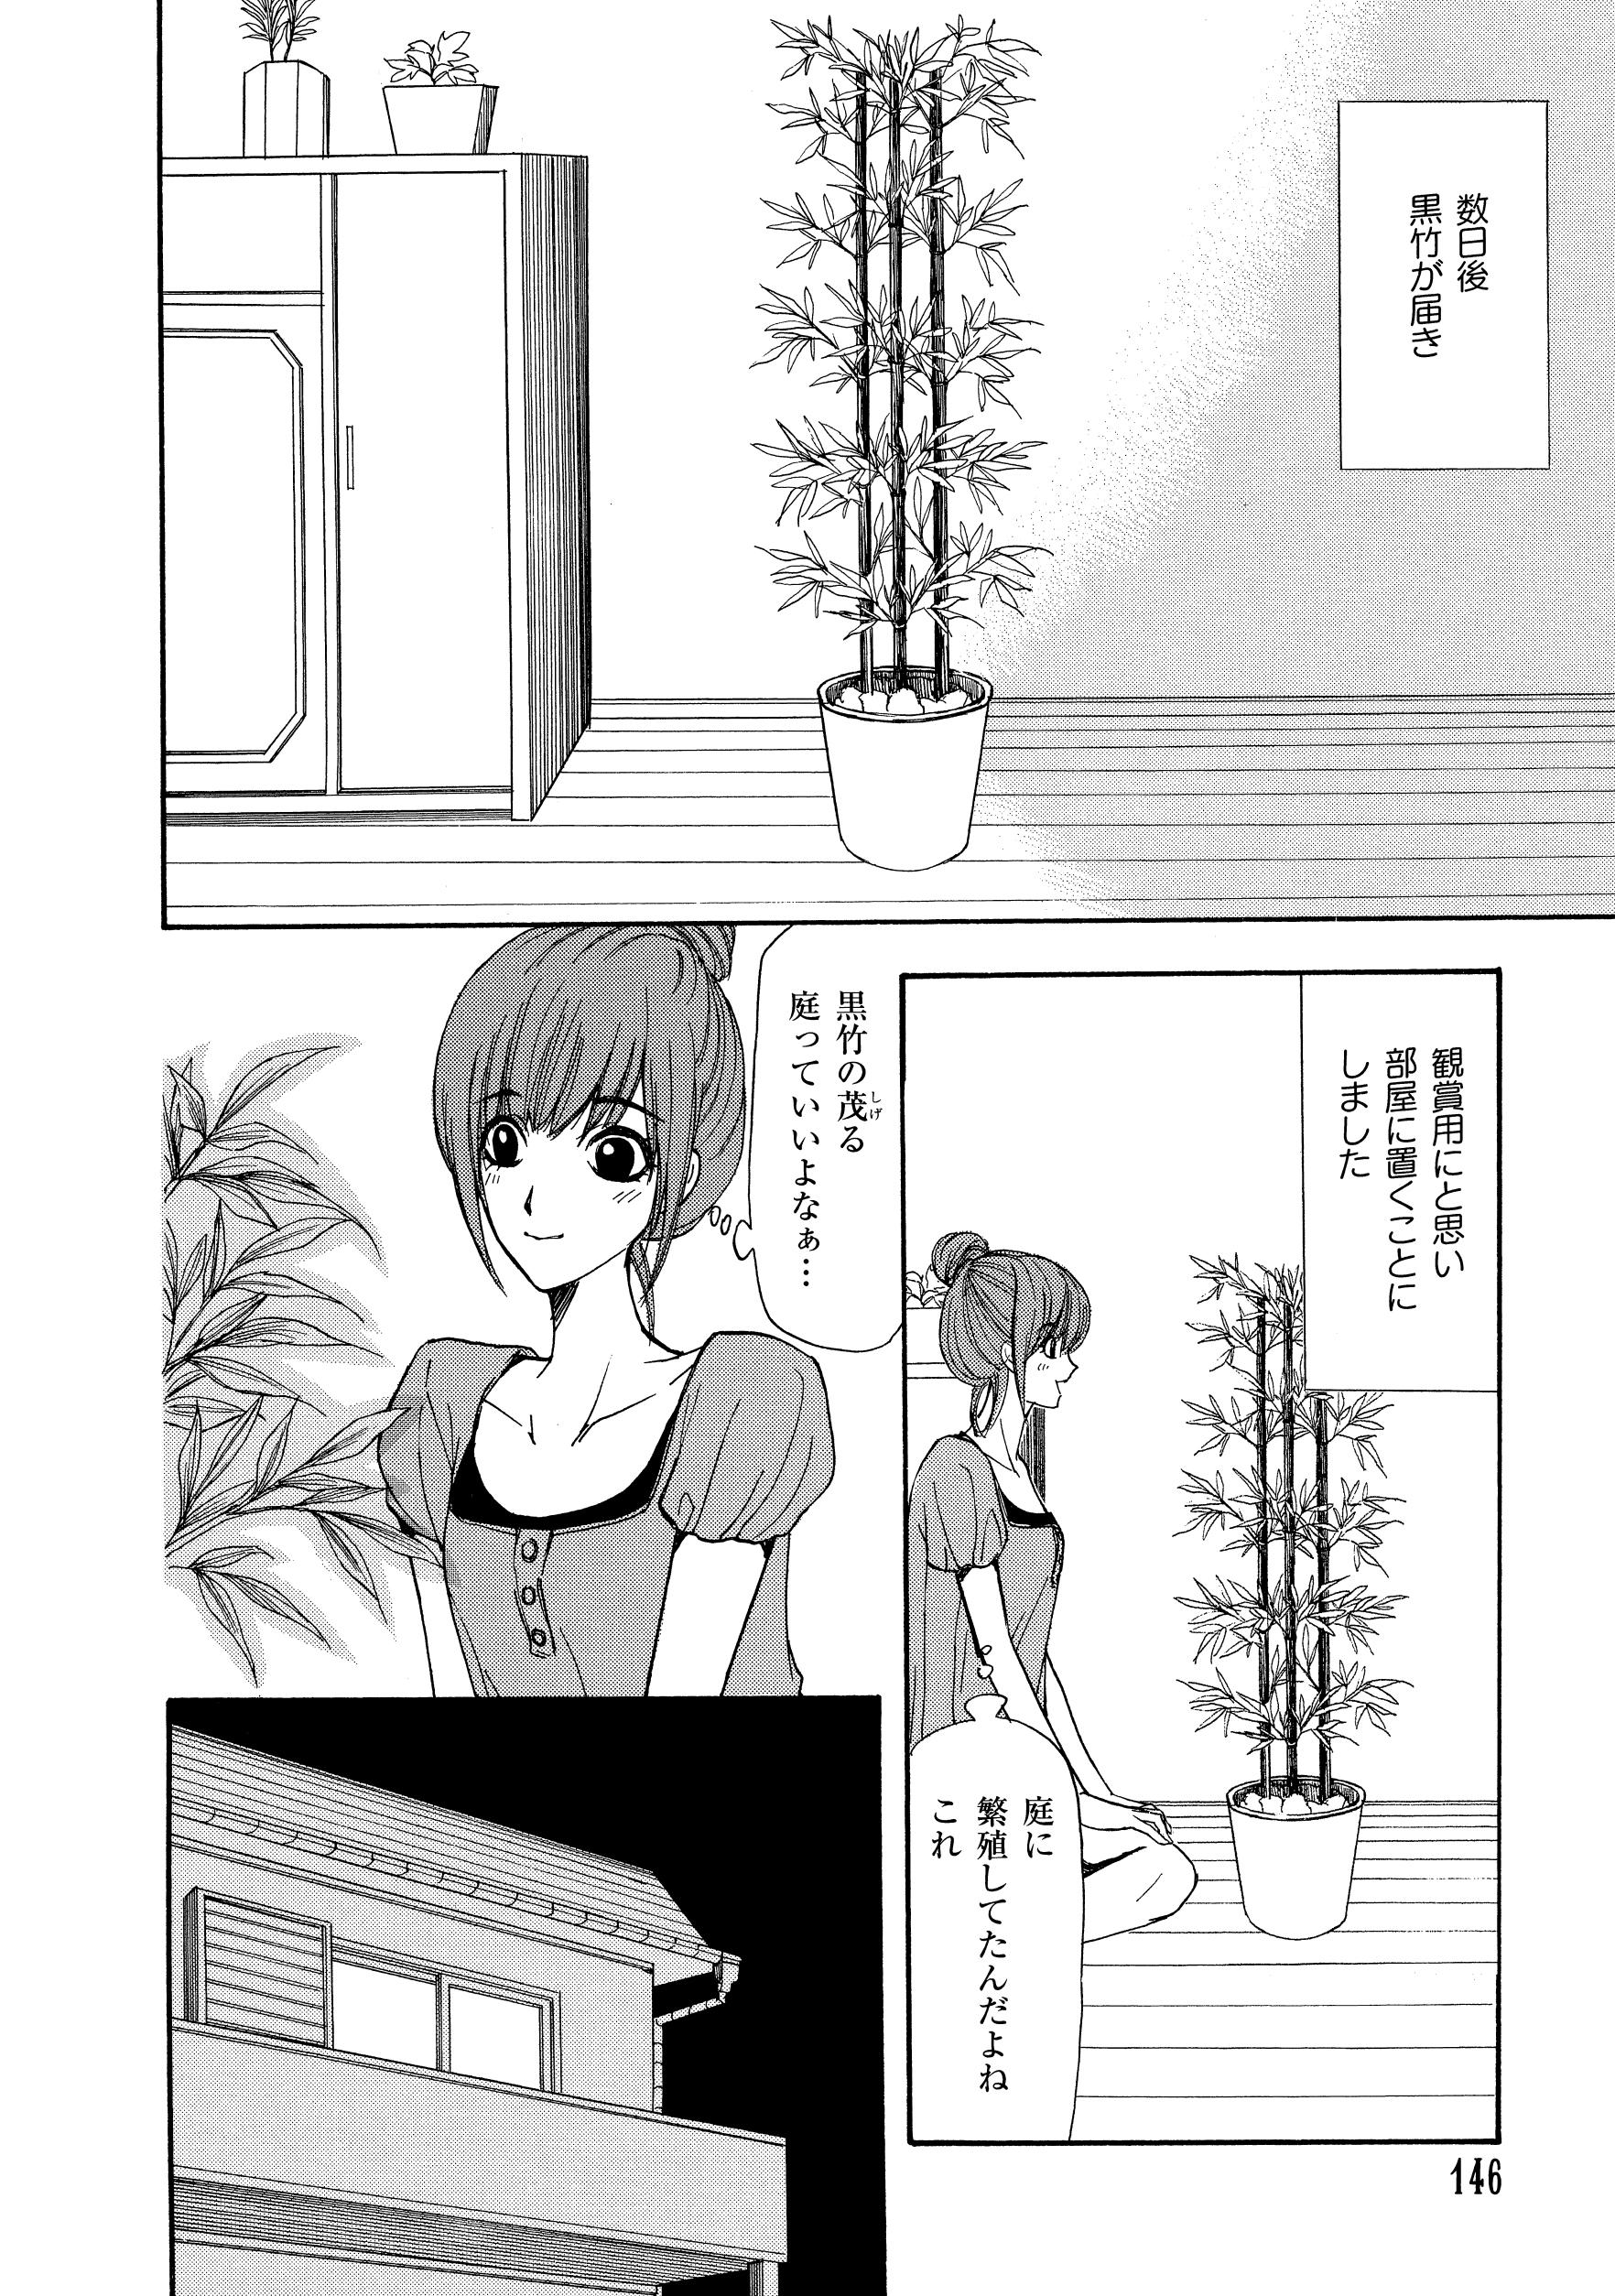 原作特集_146.jpg